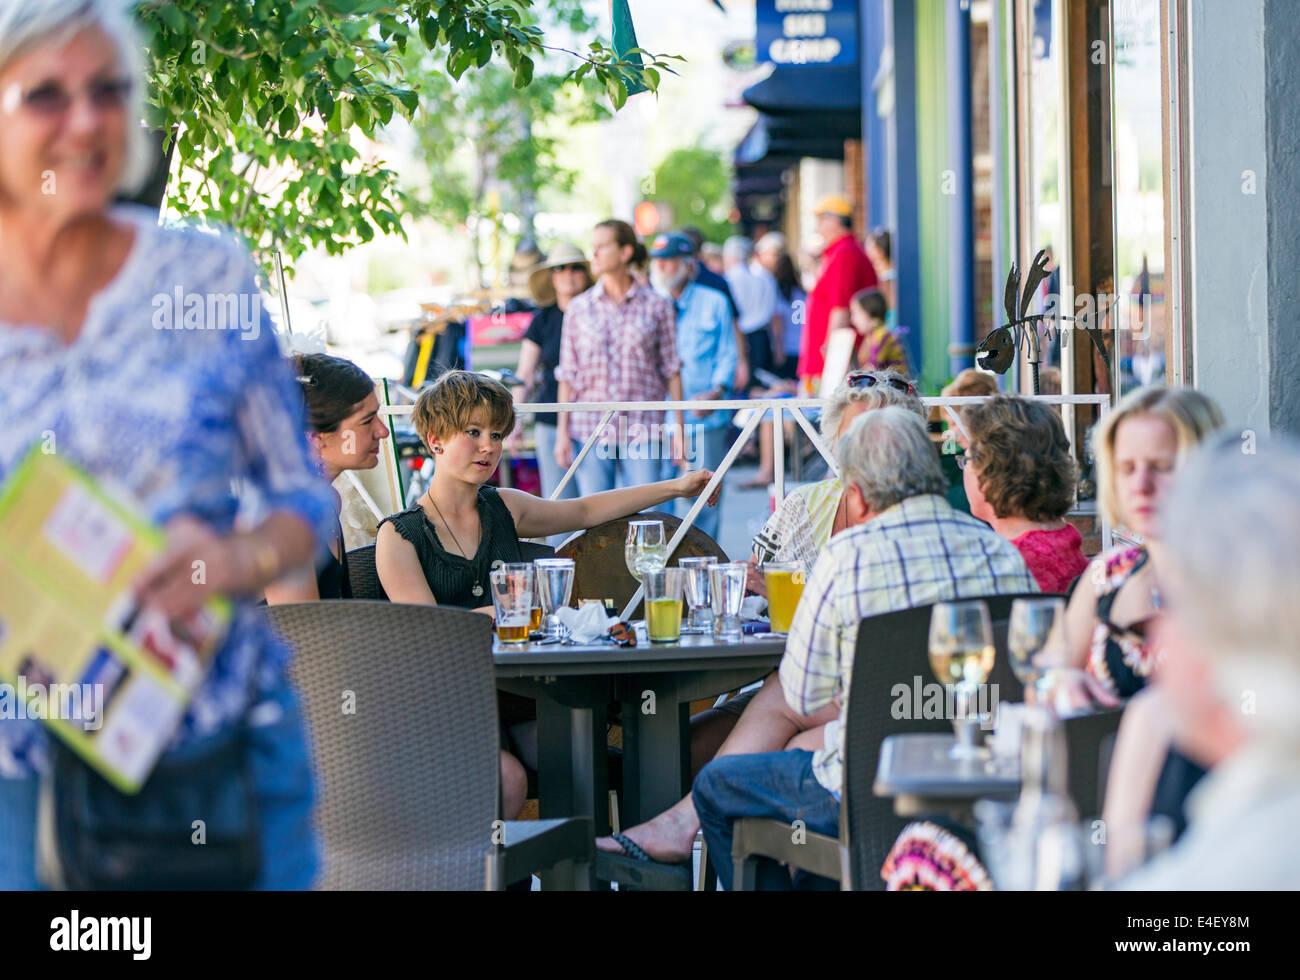 Los visitantes disfrutar de comida y bebida en el café de Corrientes durante el Festival anual de la pequeña Imagen De Stock